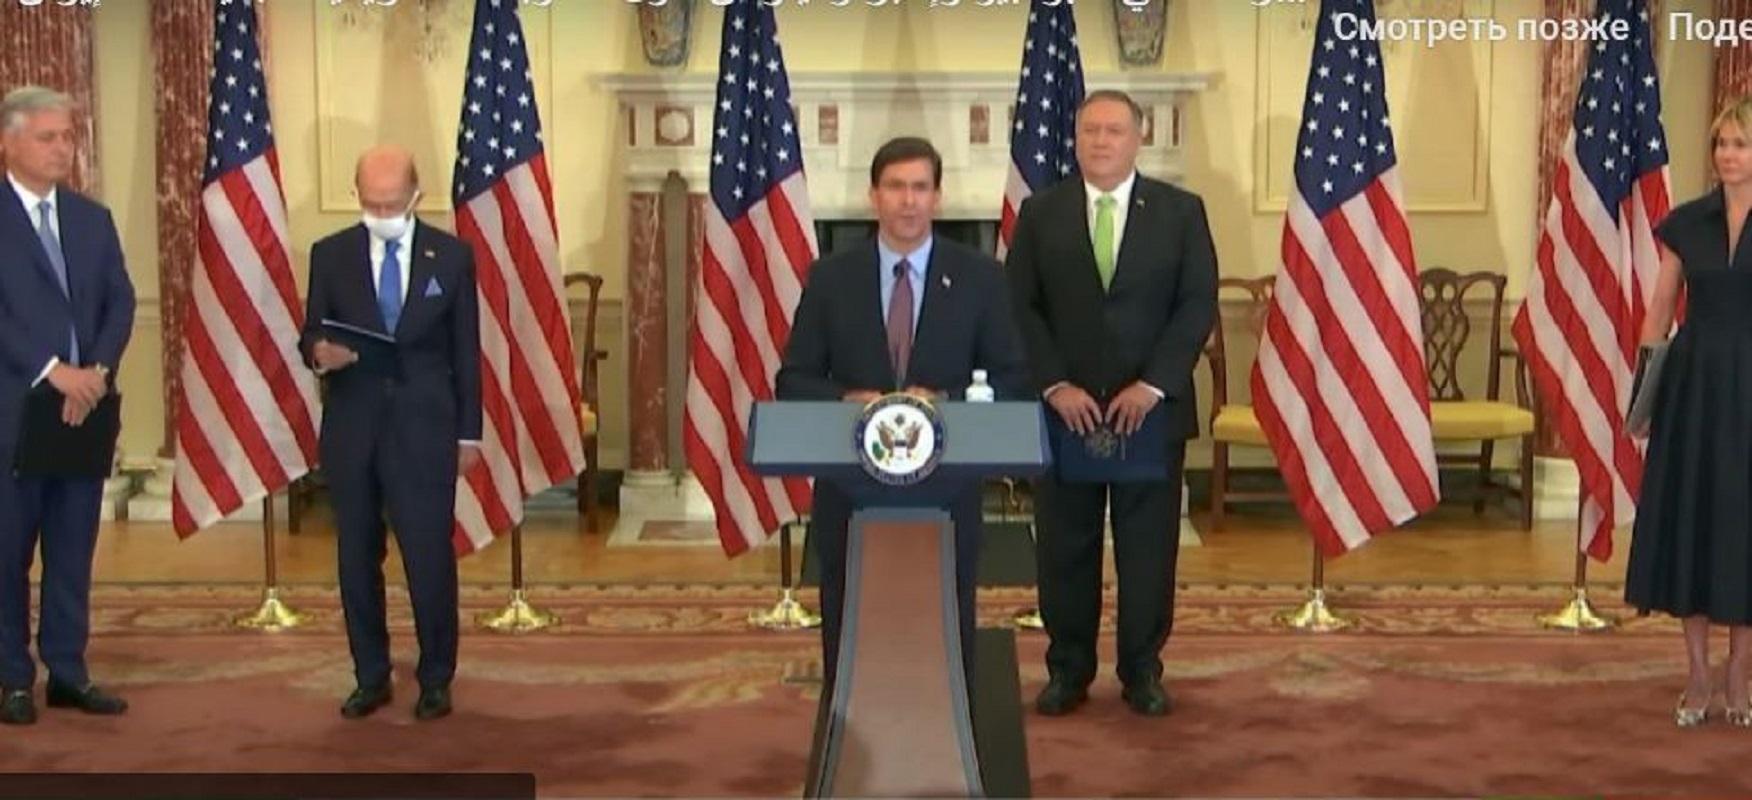 الإدارة الأمريكية تعلن فرض عقوبات جديدة على إيران